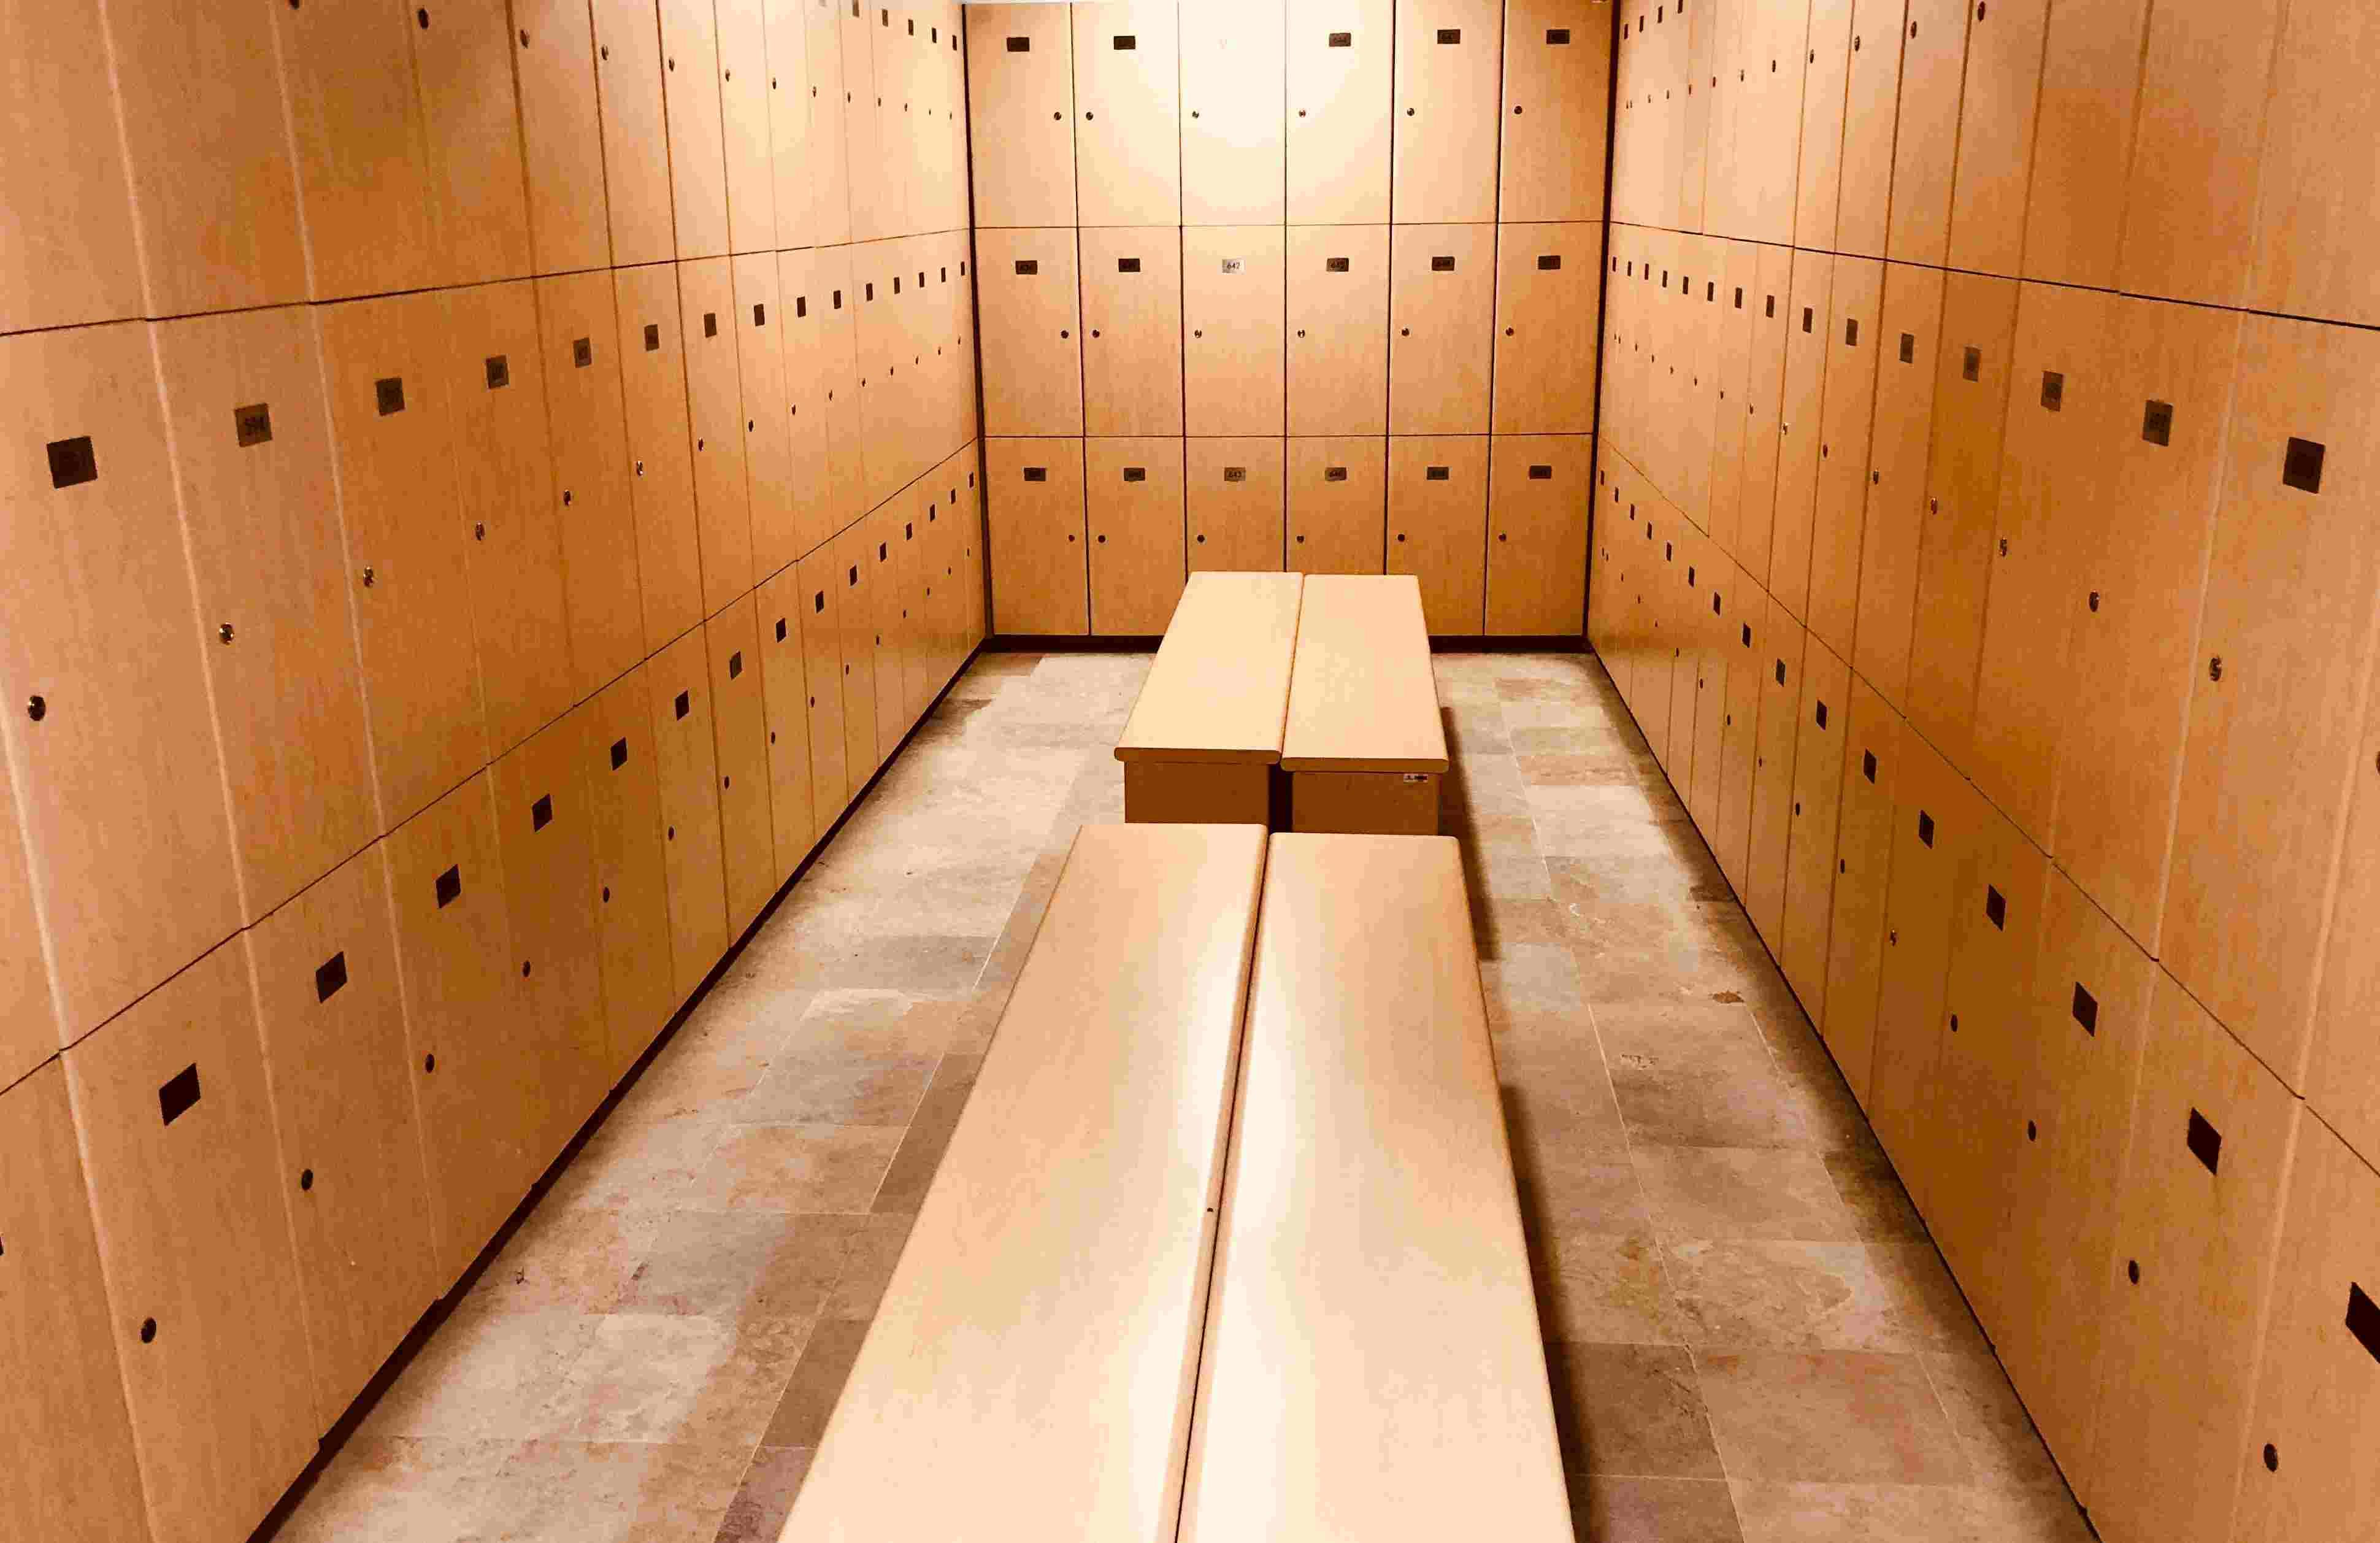 casiers salle de sport